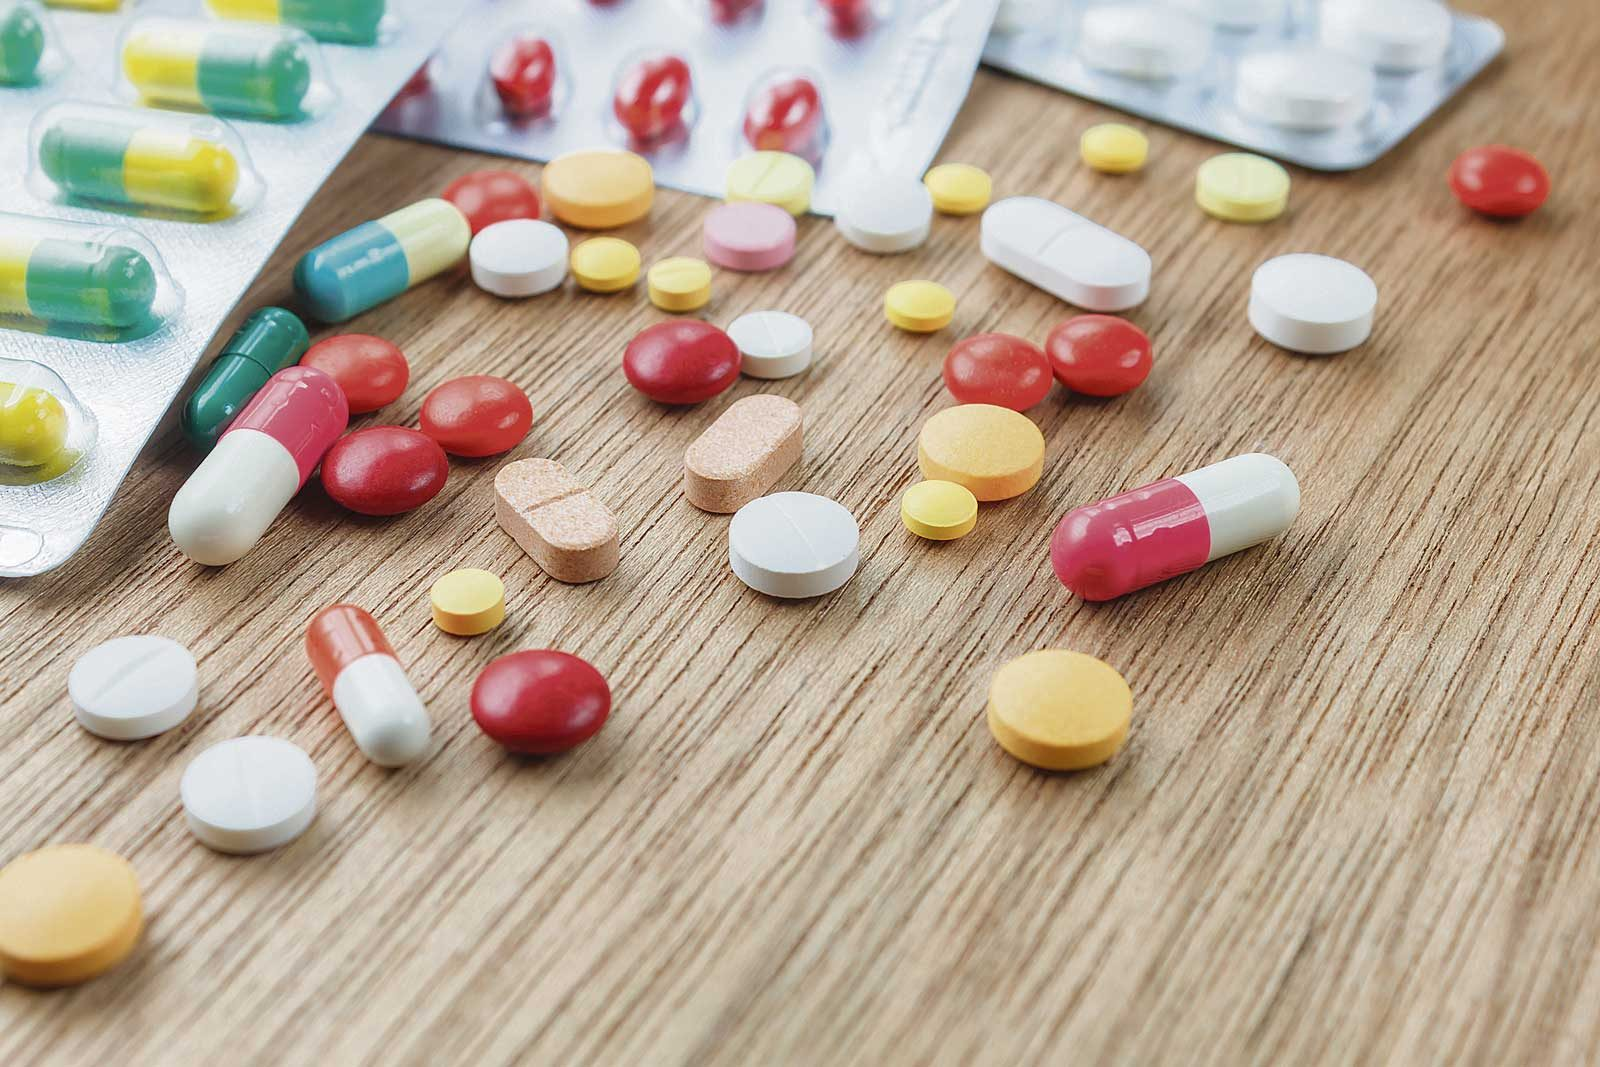 medicamente contra durerii în articulații și țesuturi)